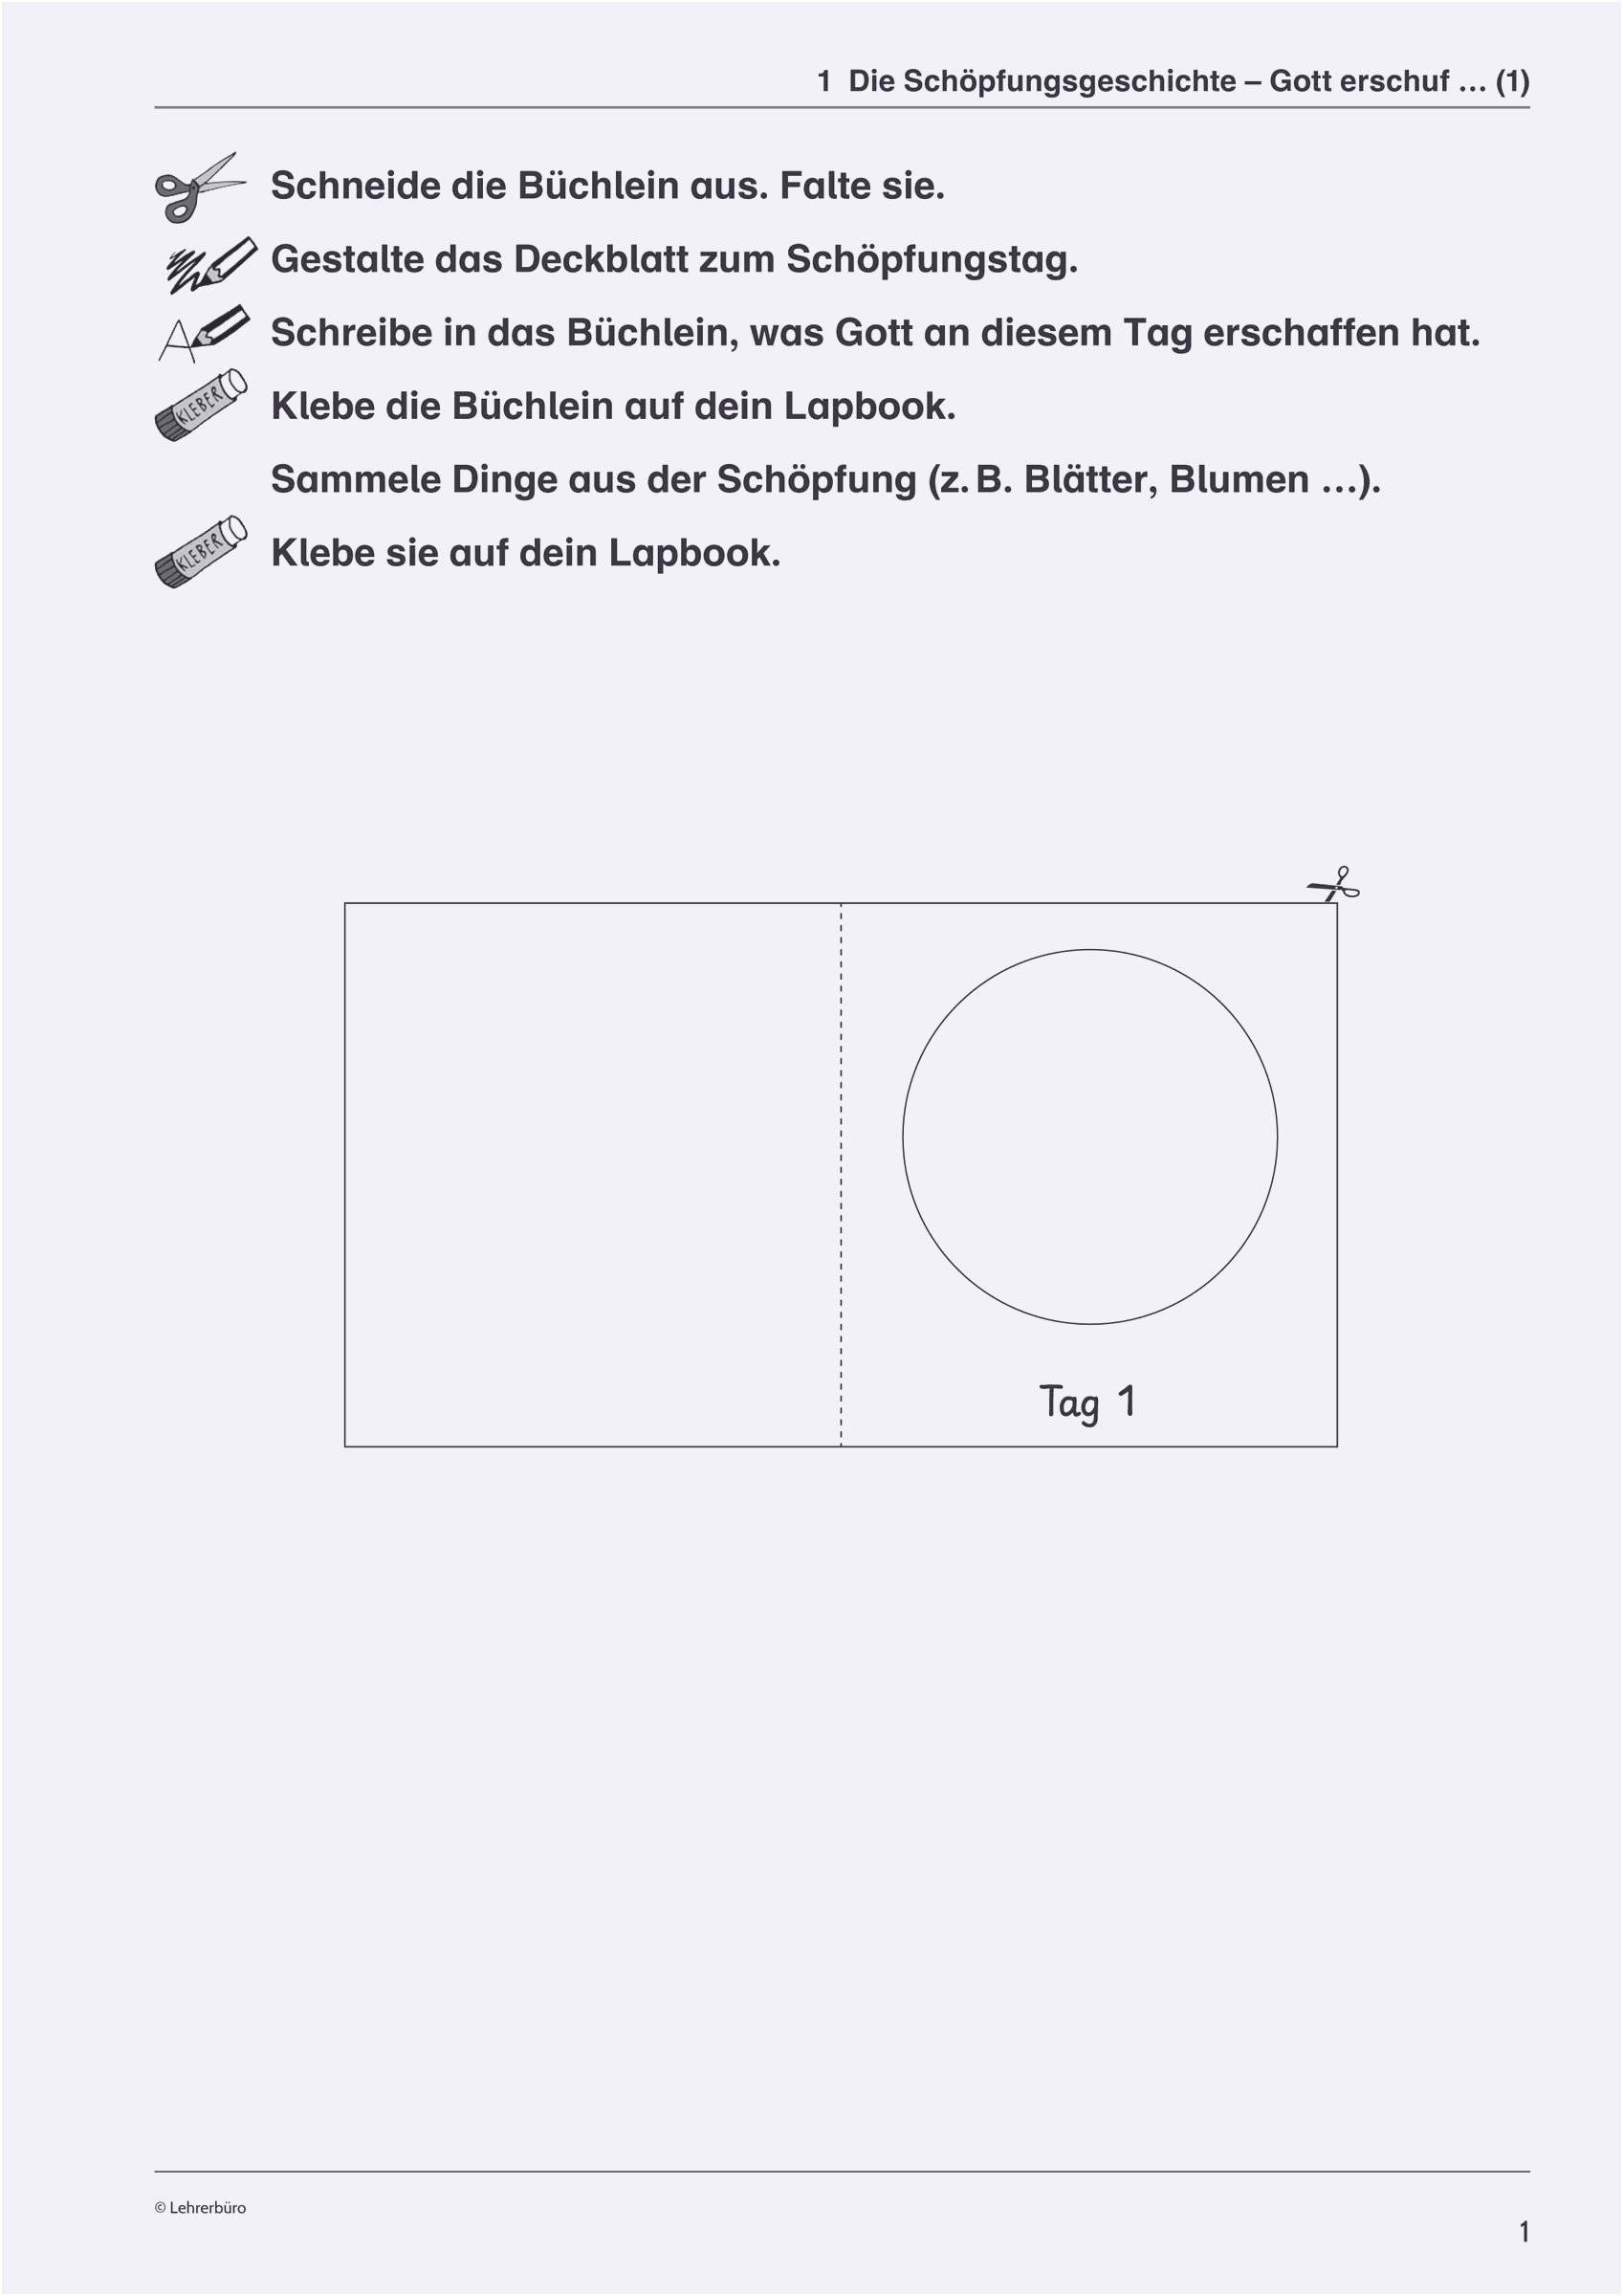 Biologie Deckblatt Zum Ausmalen Inspirierend 15 Deckblatt Biologie Klasse 5 Bilder